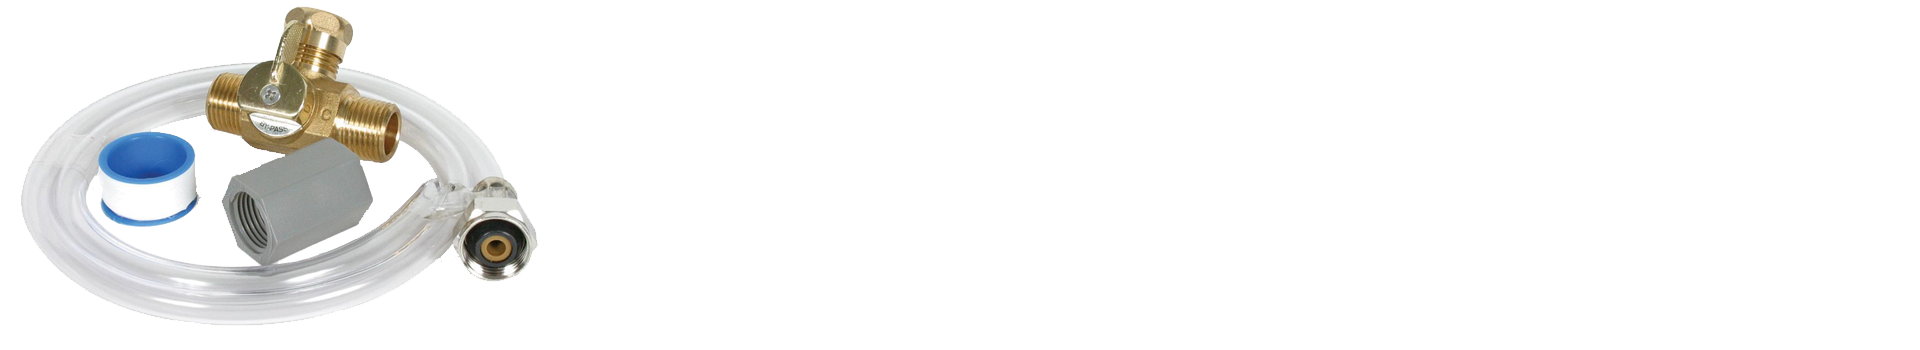 water pump converter kit